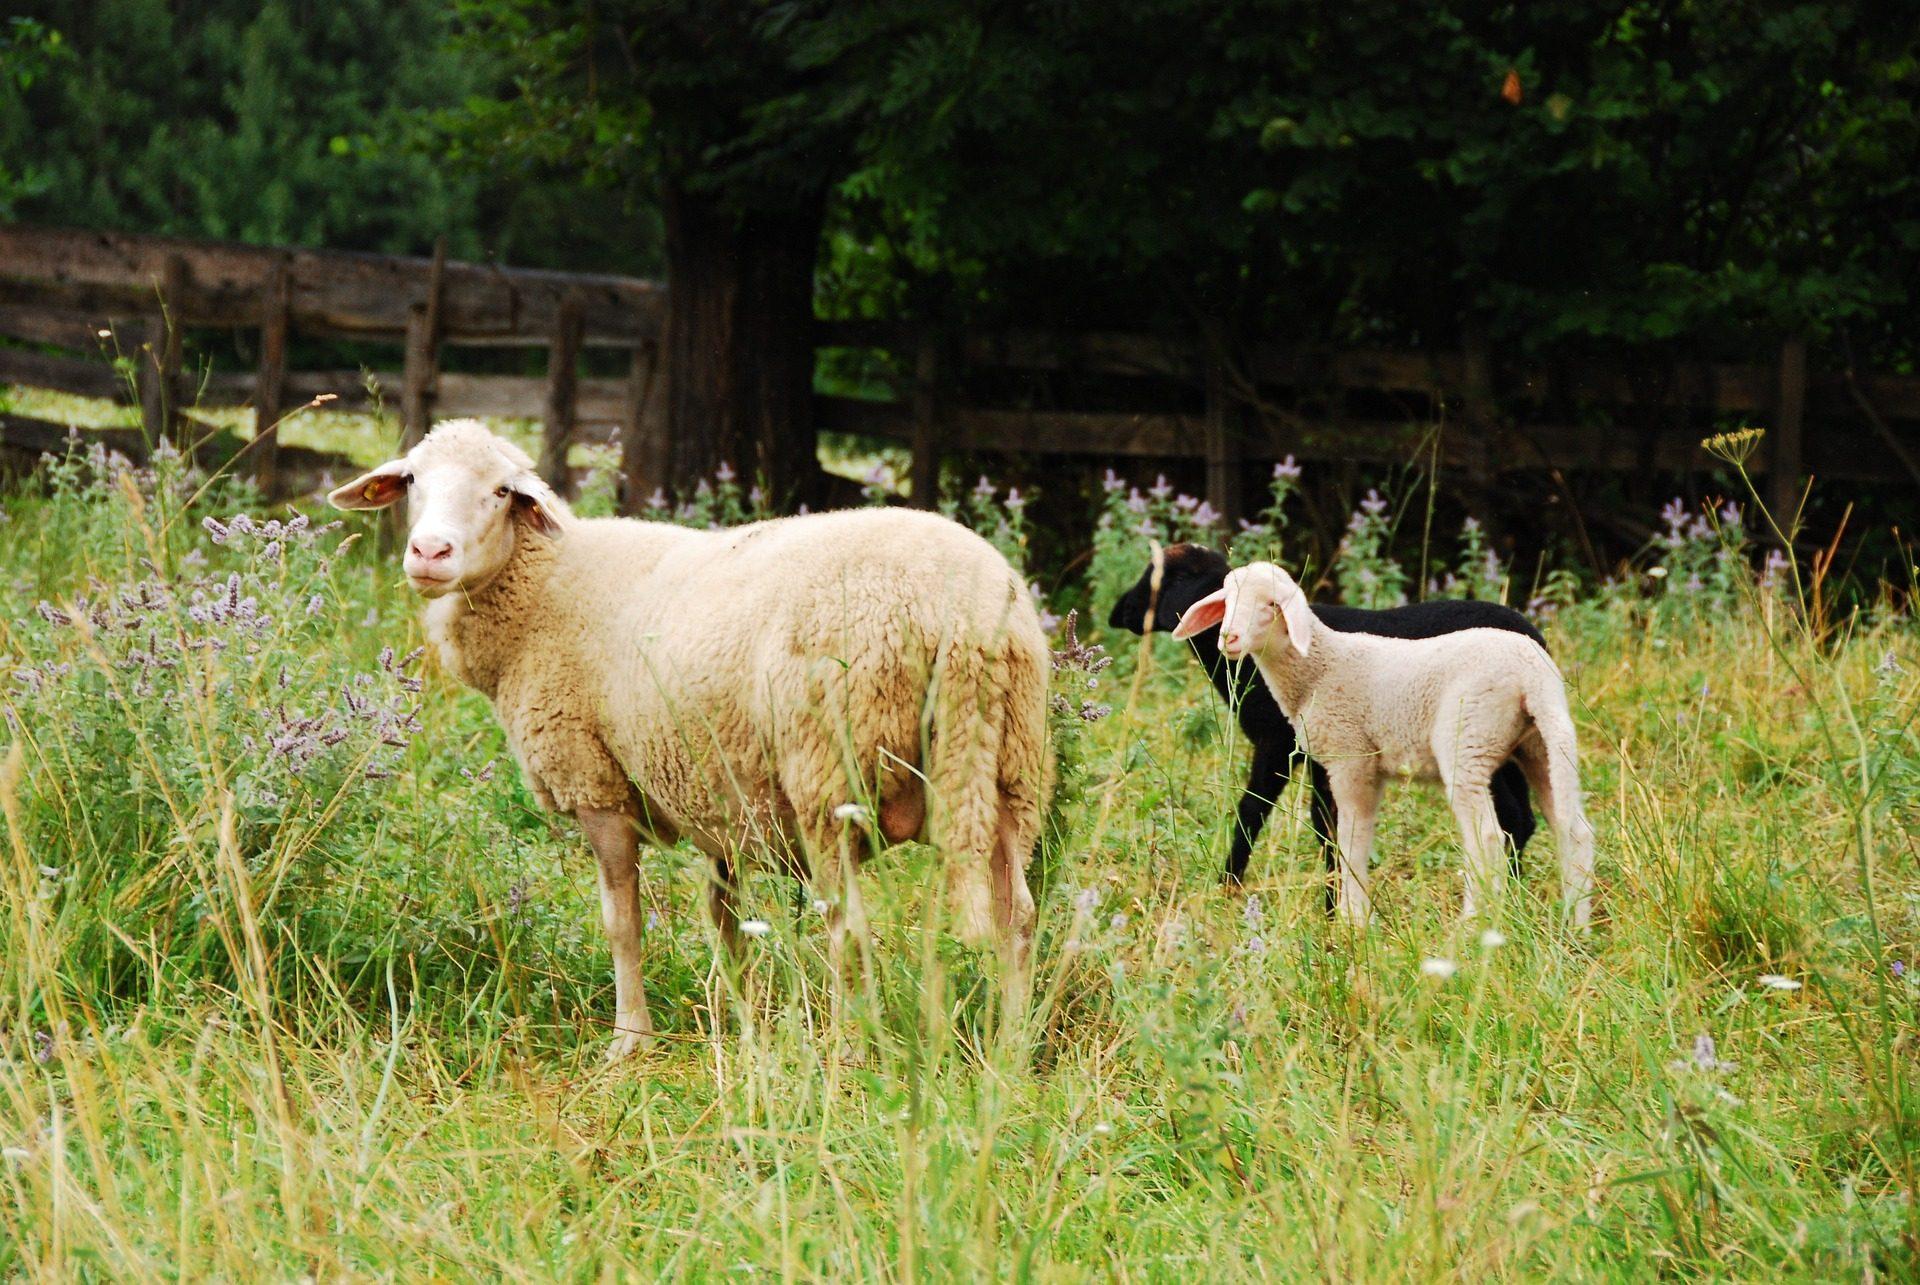 овцы, Ягнята, Молодые, ПРАДО, выпас скота, ферма - Обои HD - Профессор falken.com